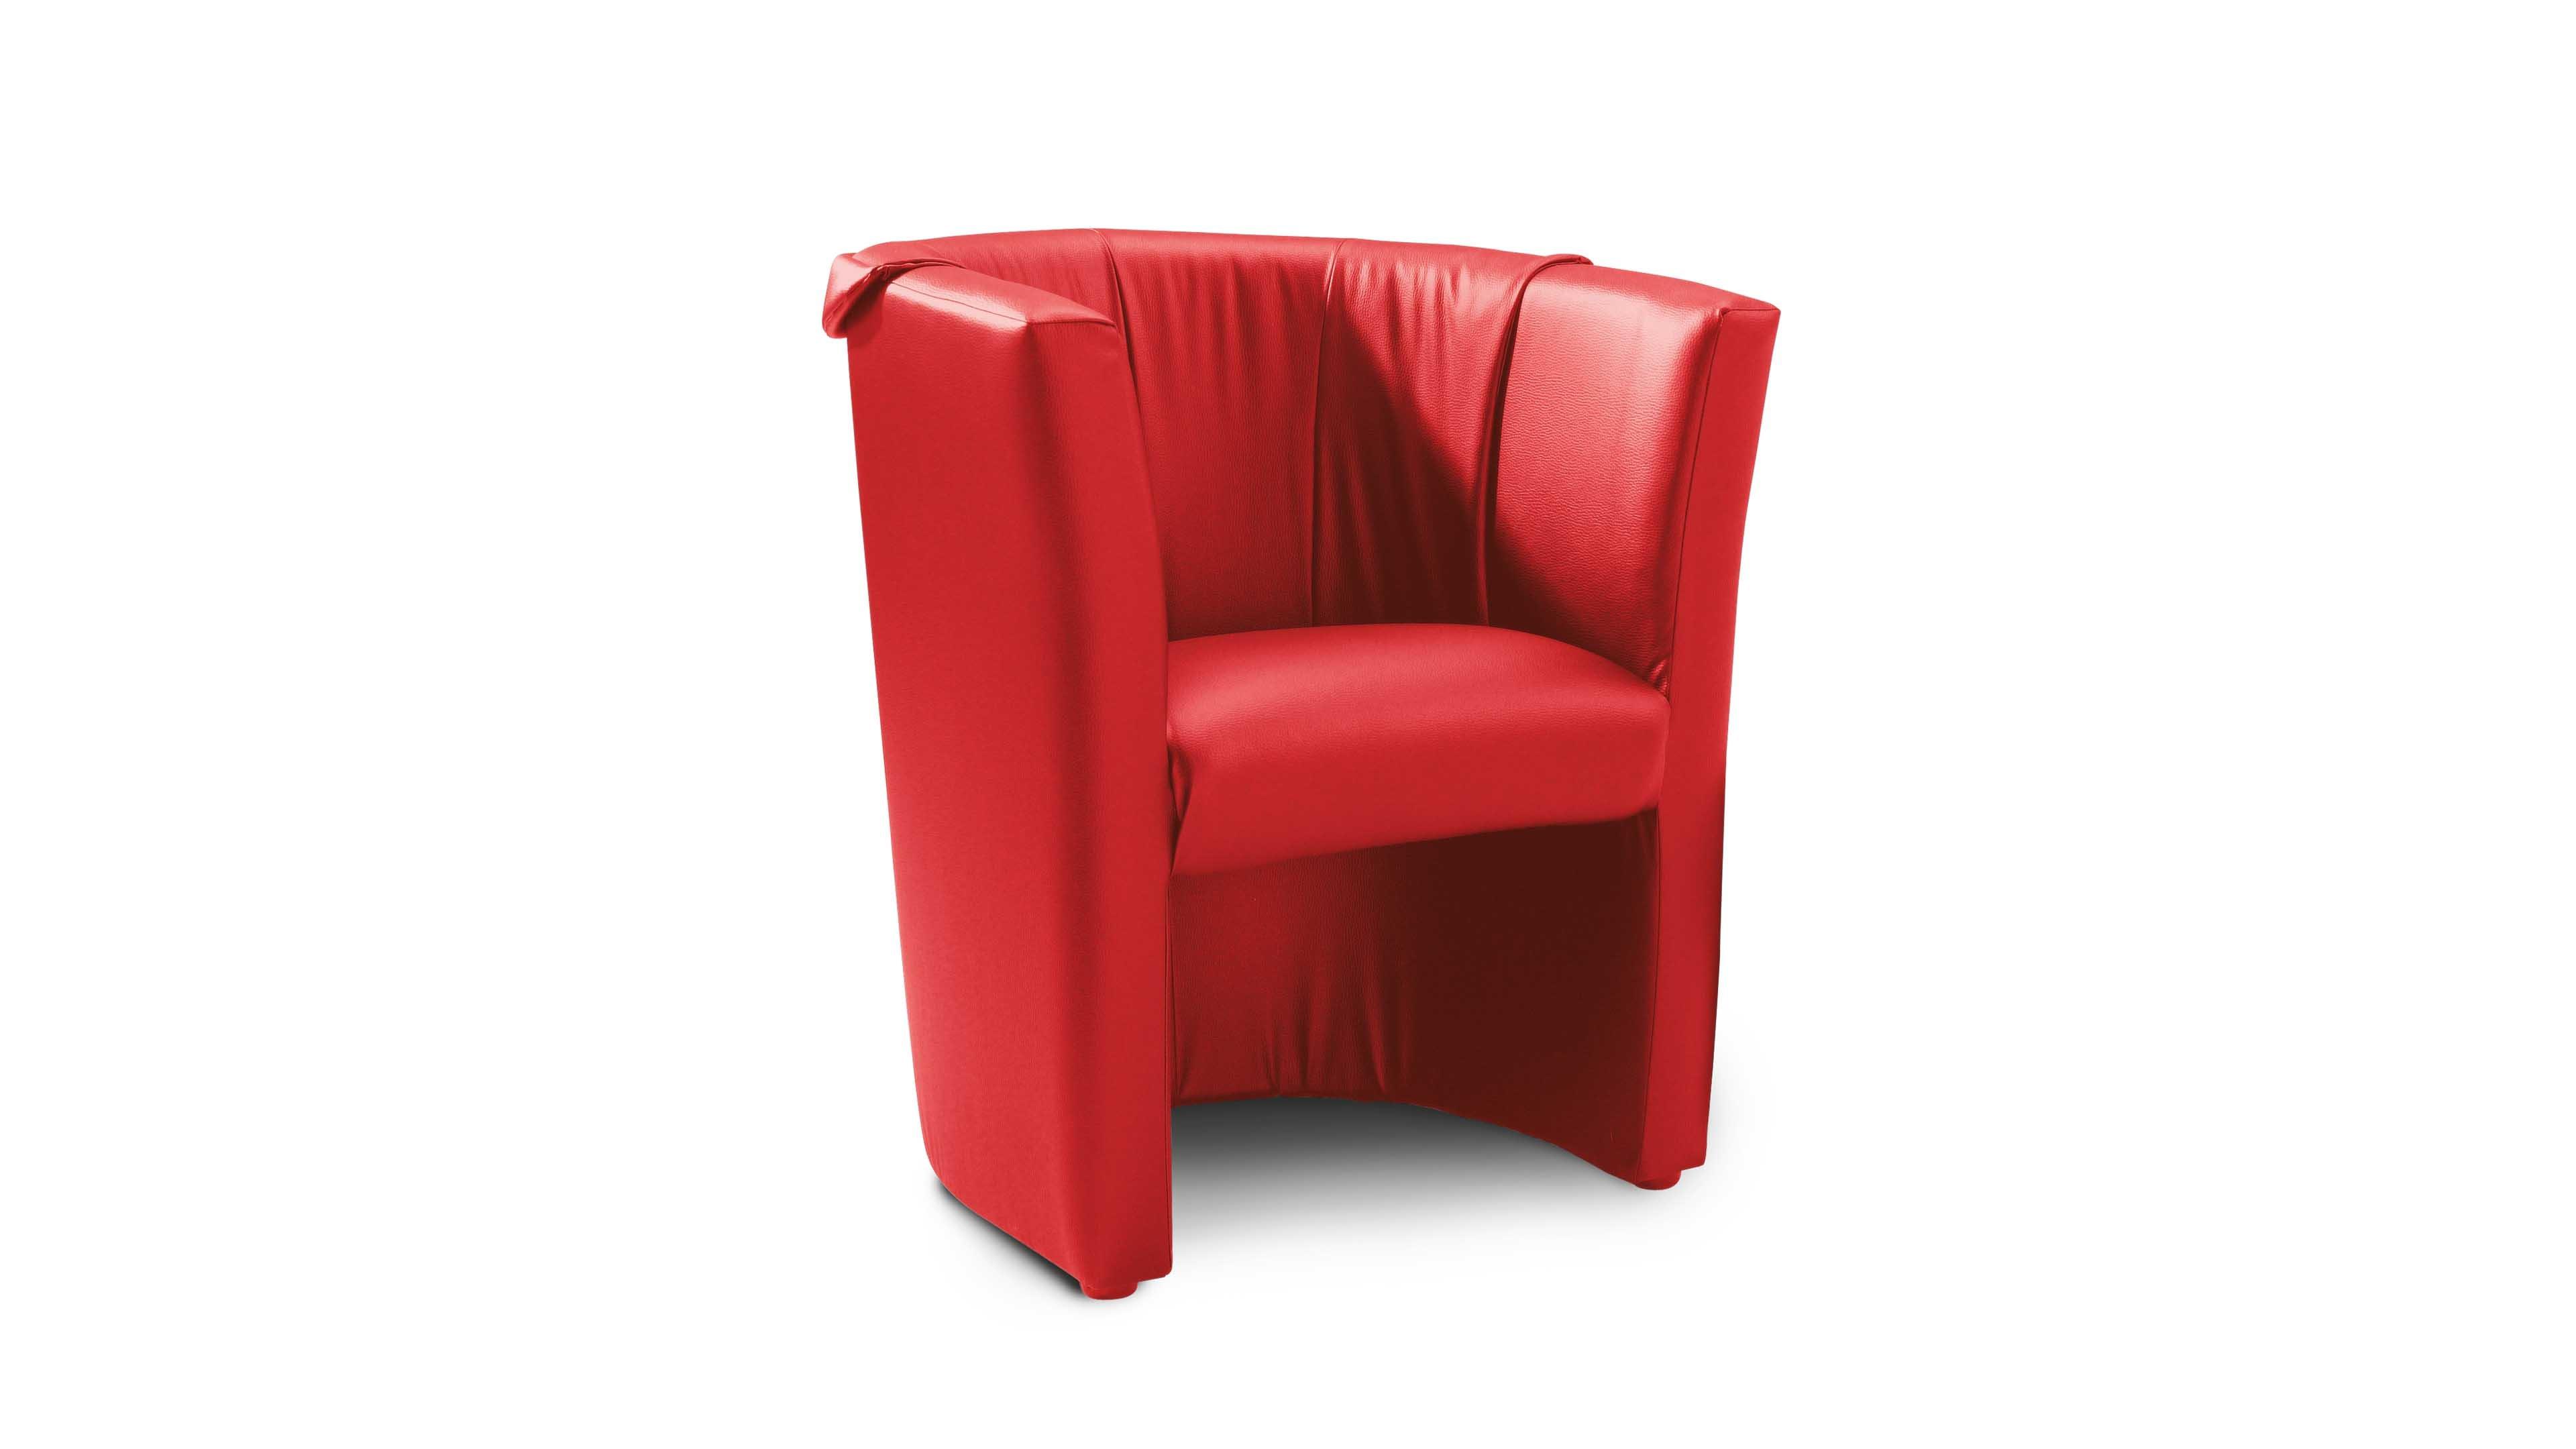 Sessel Charly Rot Roter Kunstlederbezug Ergis